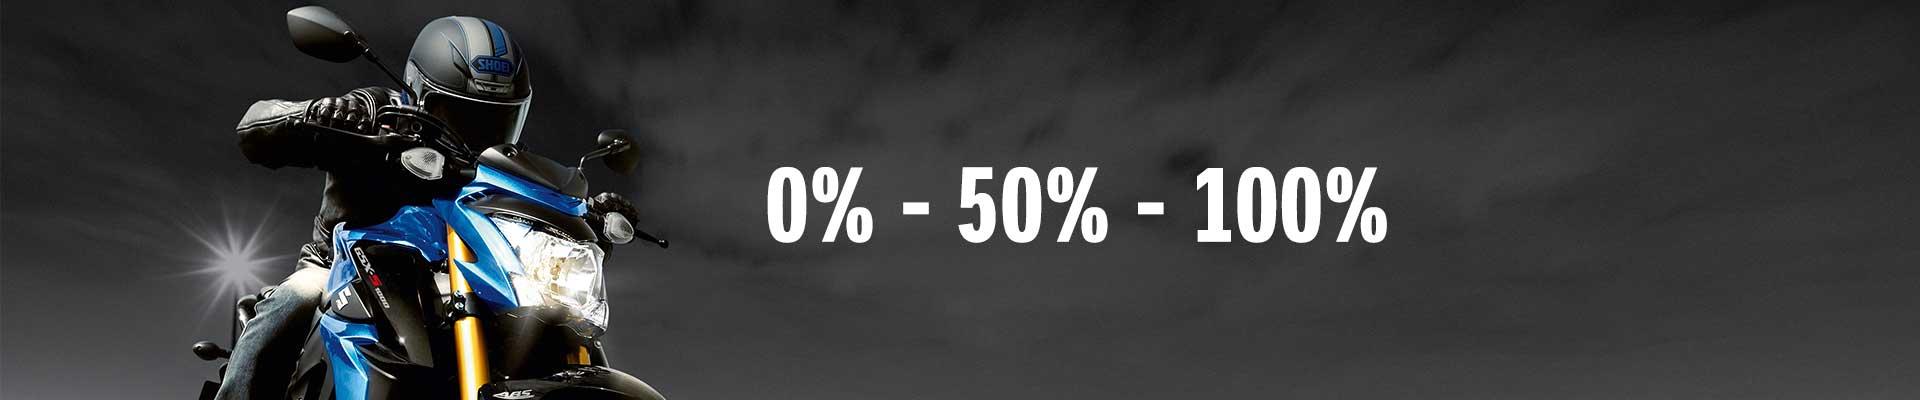 0% Zinsen | 50% Preis* | 100% Fahrspaß